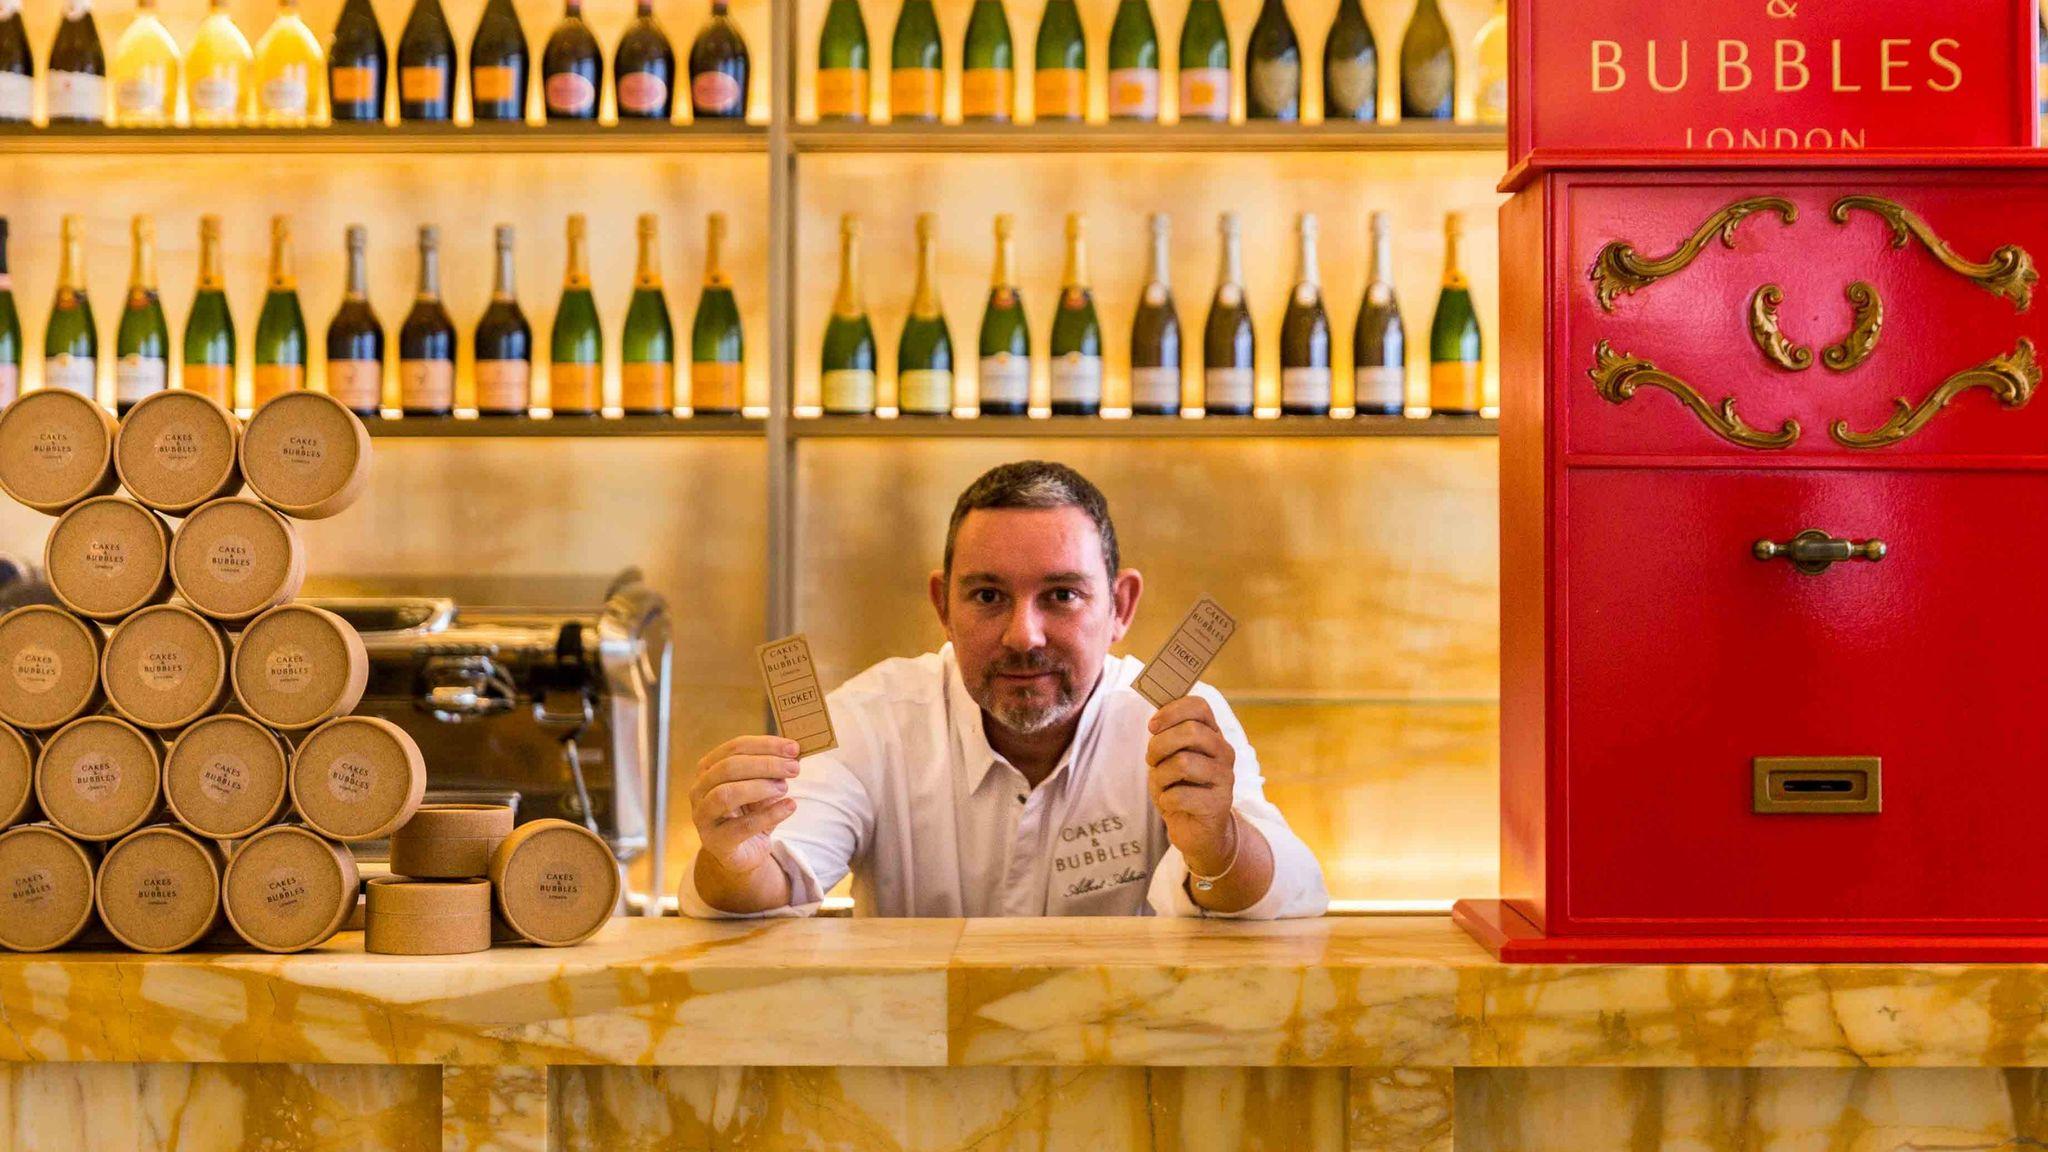 Albert Adriá en su recién inaugurado Cakes & bubbles (Londres)